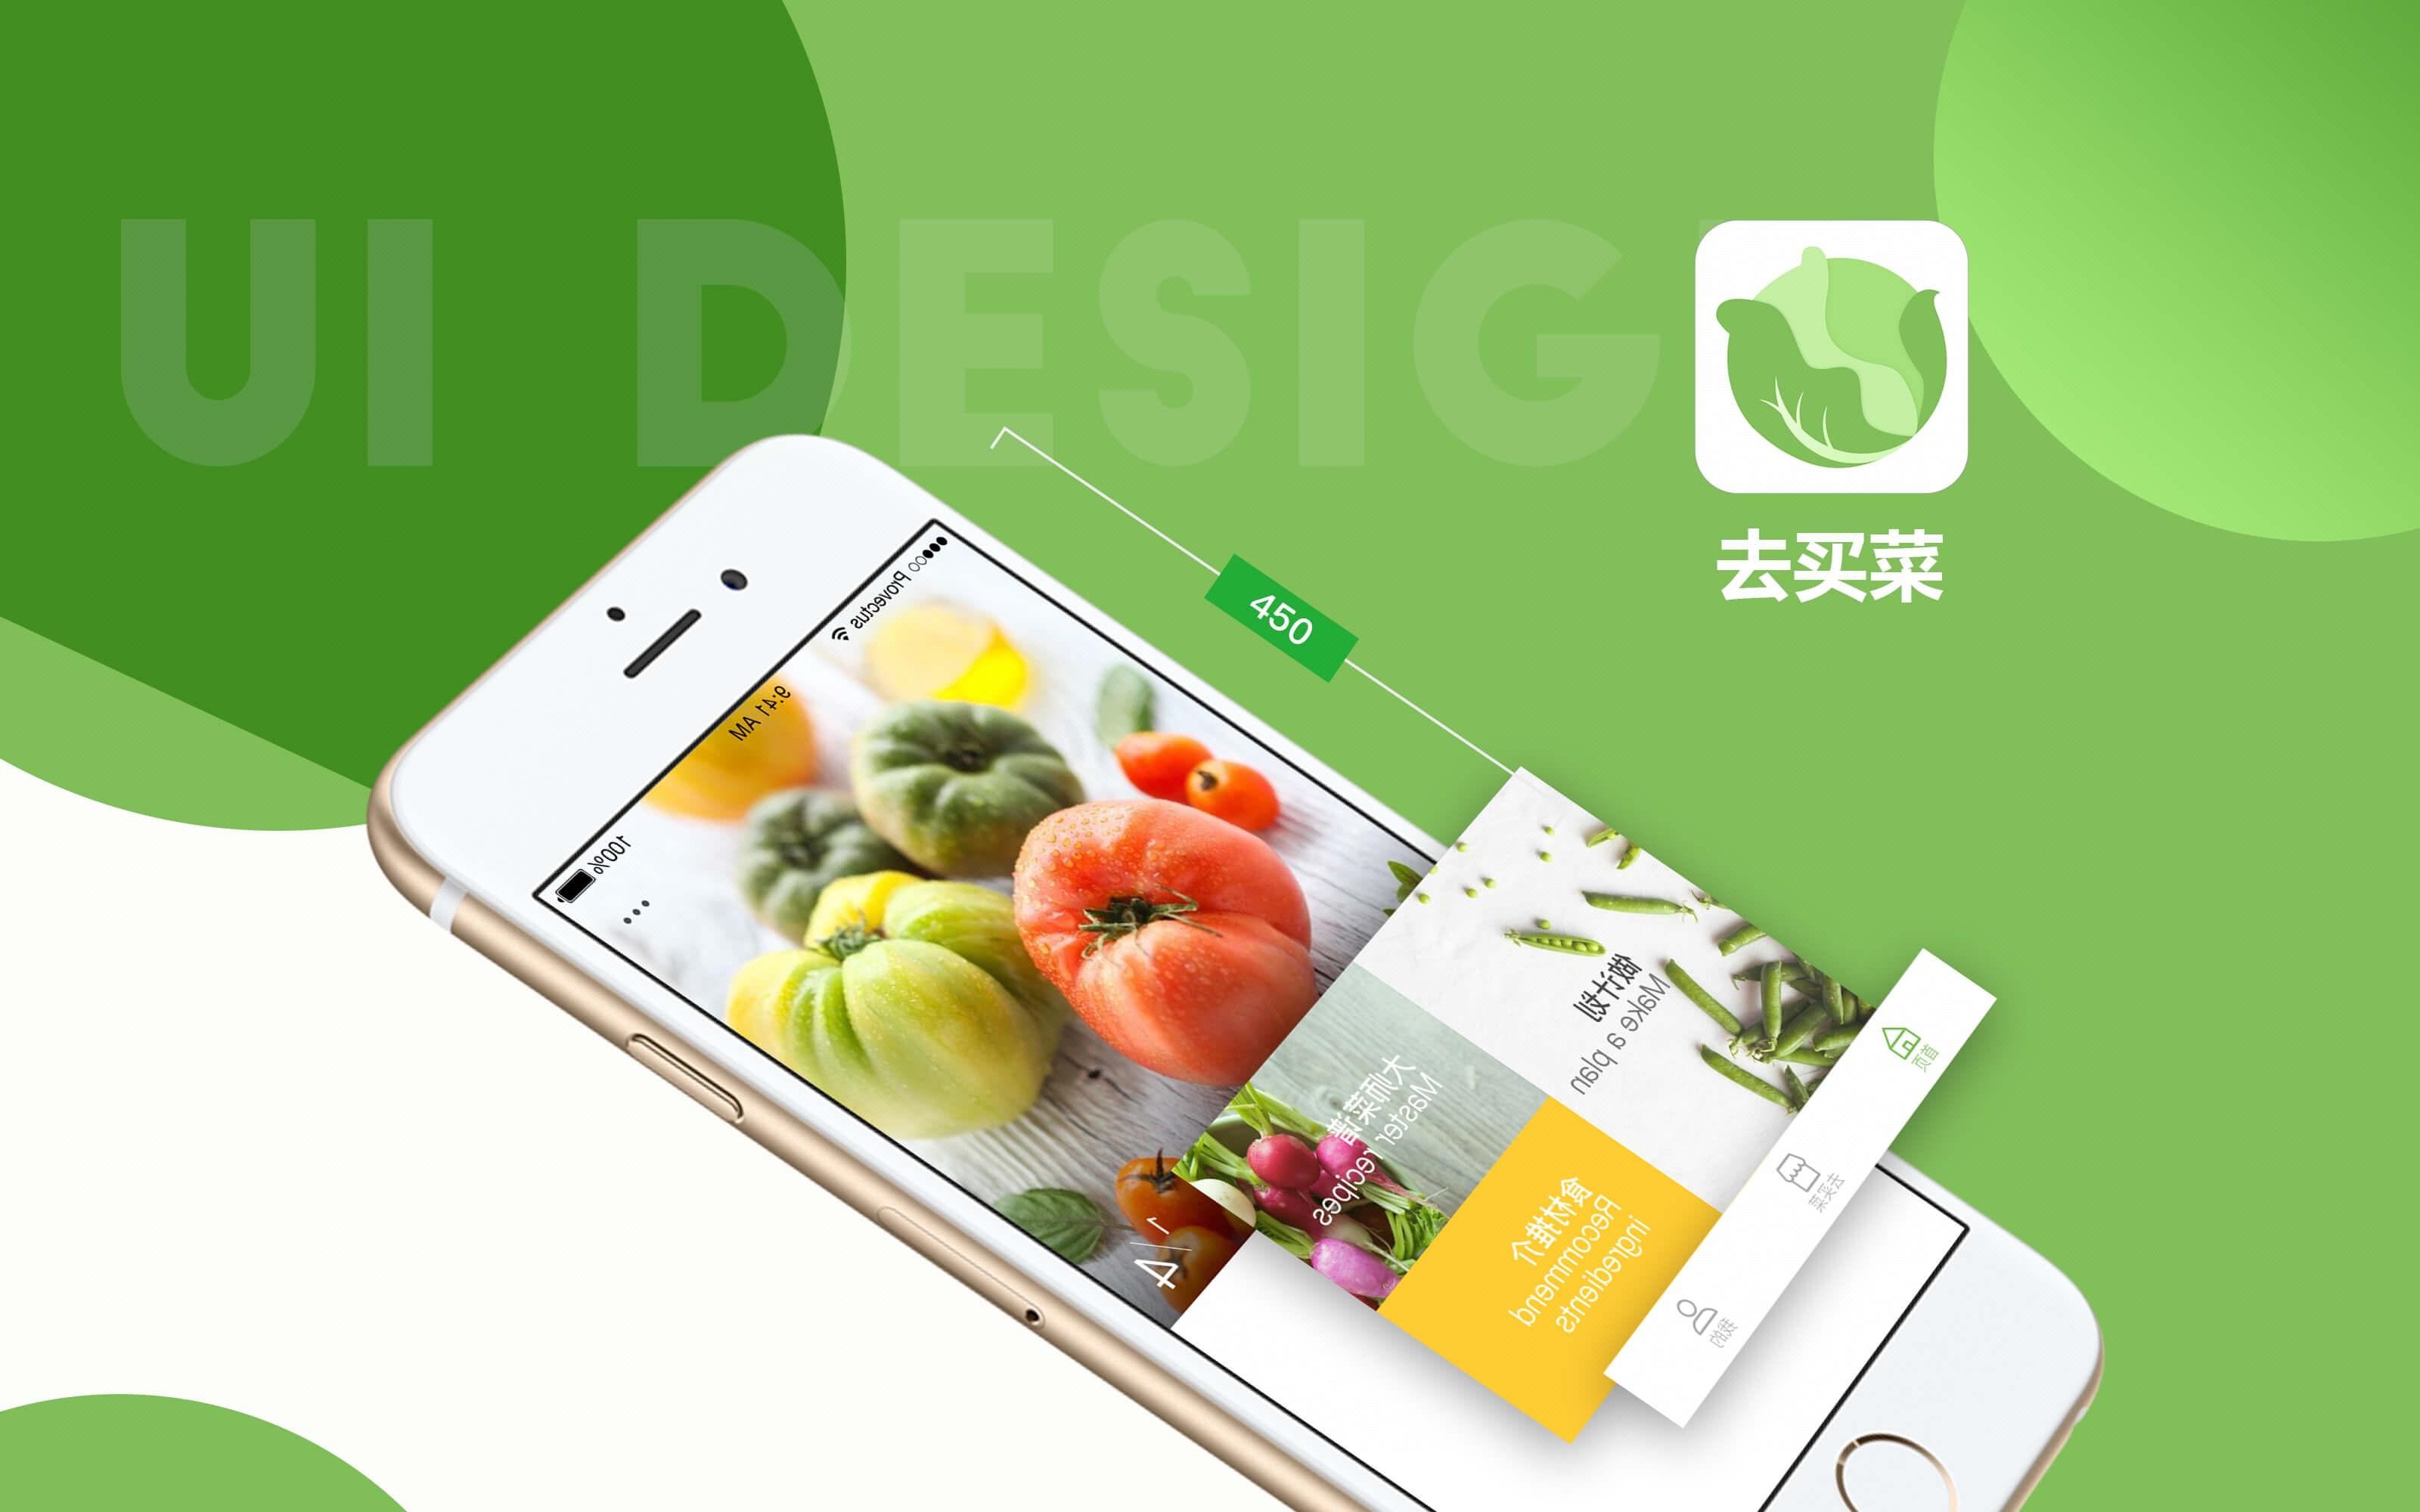 后台登录界面设计手机登陆界面设计网站界面设计模板微信商城界面